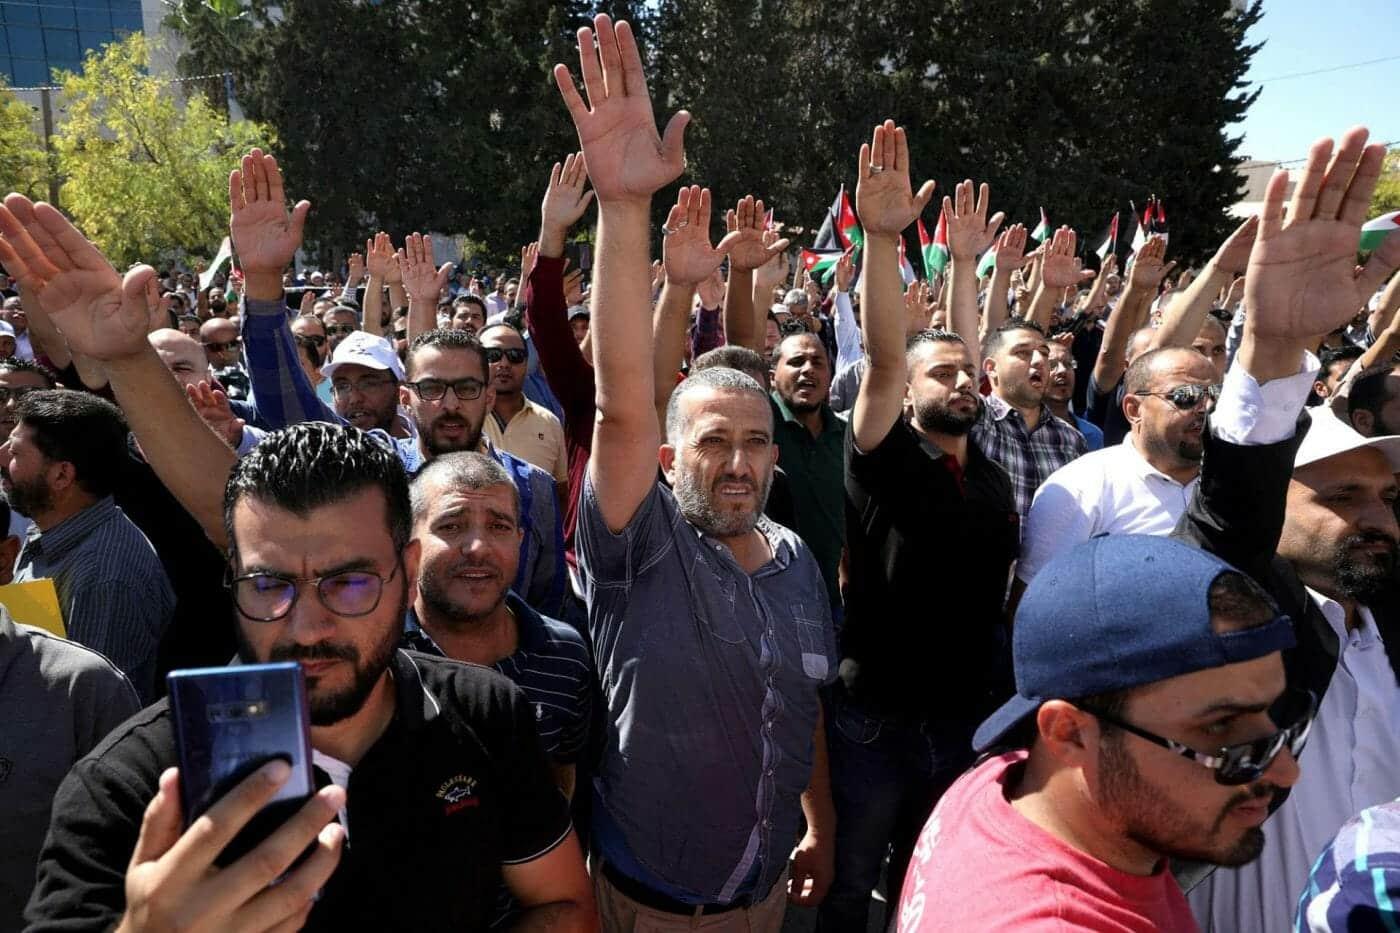 مهزلة بالأردن.. حل نقابة المعلمين وحبس مجلس إدارتها والملك أمر بجعلهم عبرة حتى لا يتجرأ عليه أحد مجددا